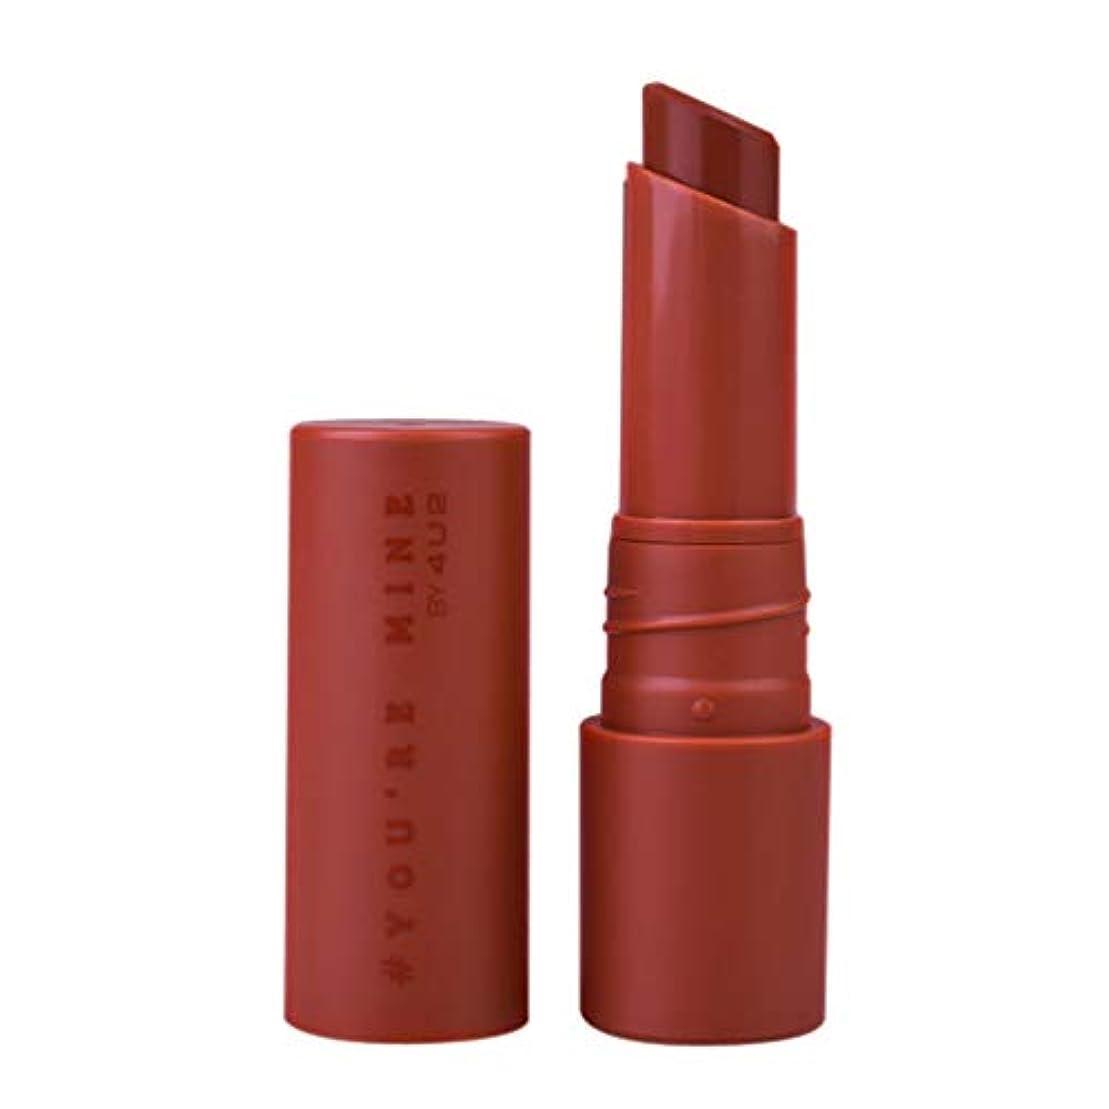 評議会ナチュラアンソロジー4U2 ユーア マイン リップ (You're Mine Lip Stick) (16)